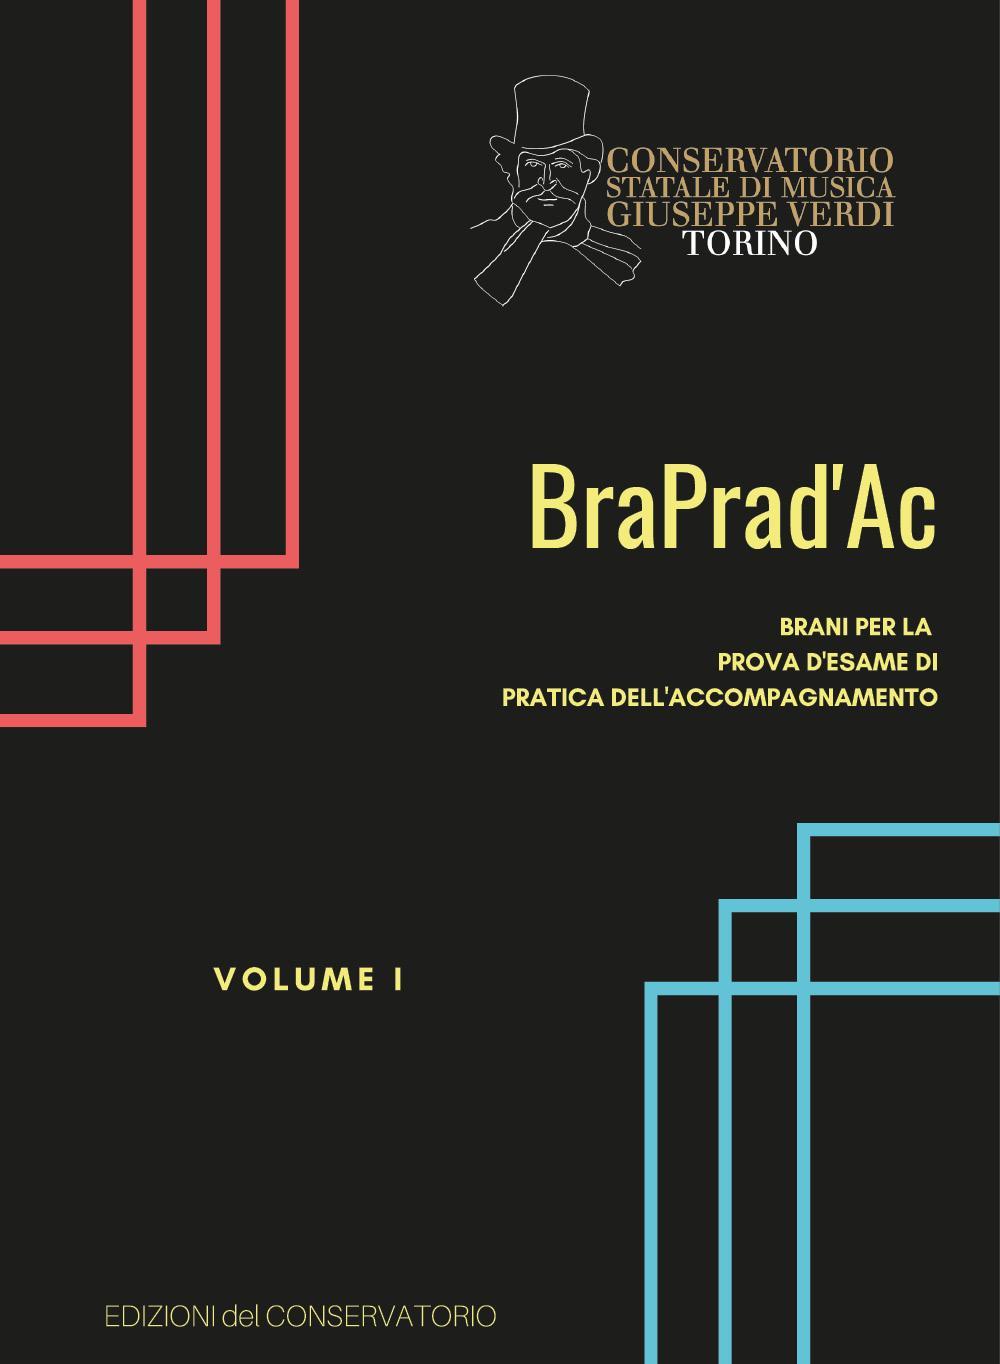 BraPrad'Ac